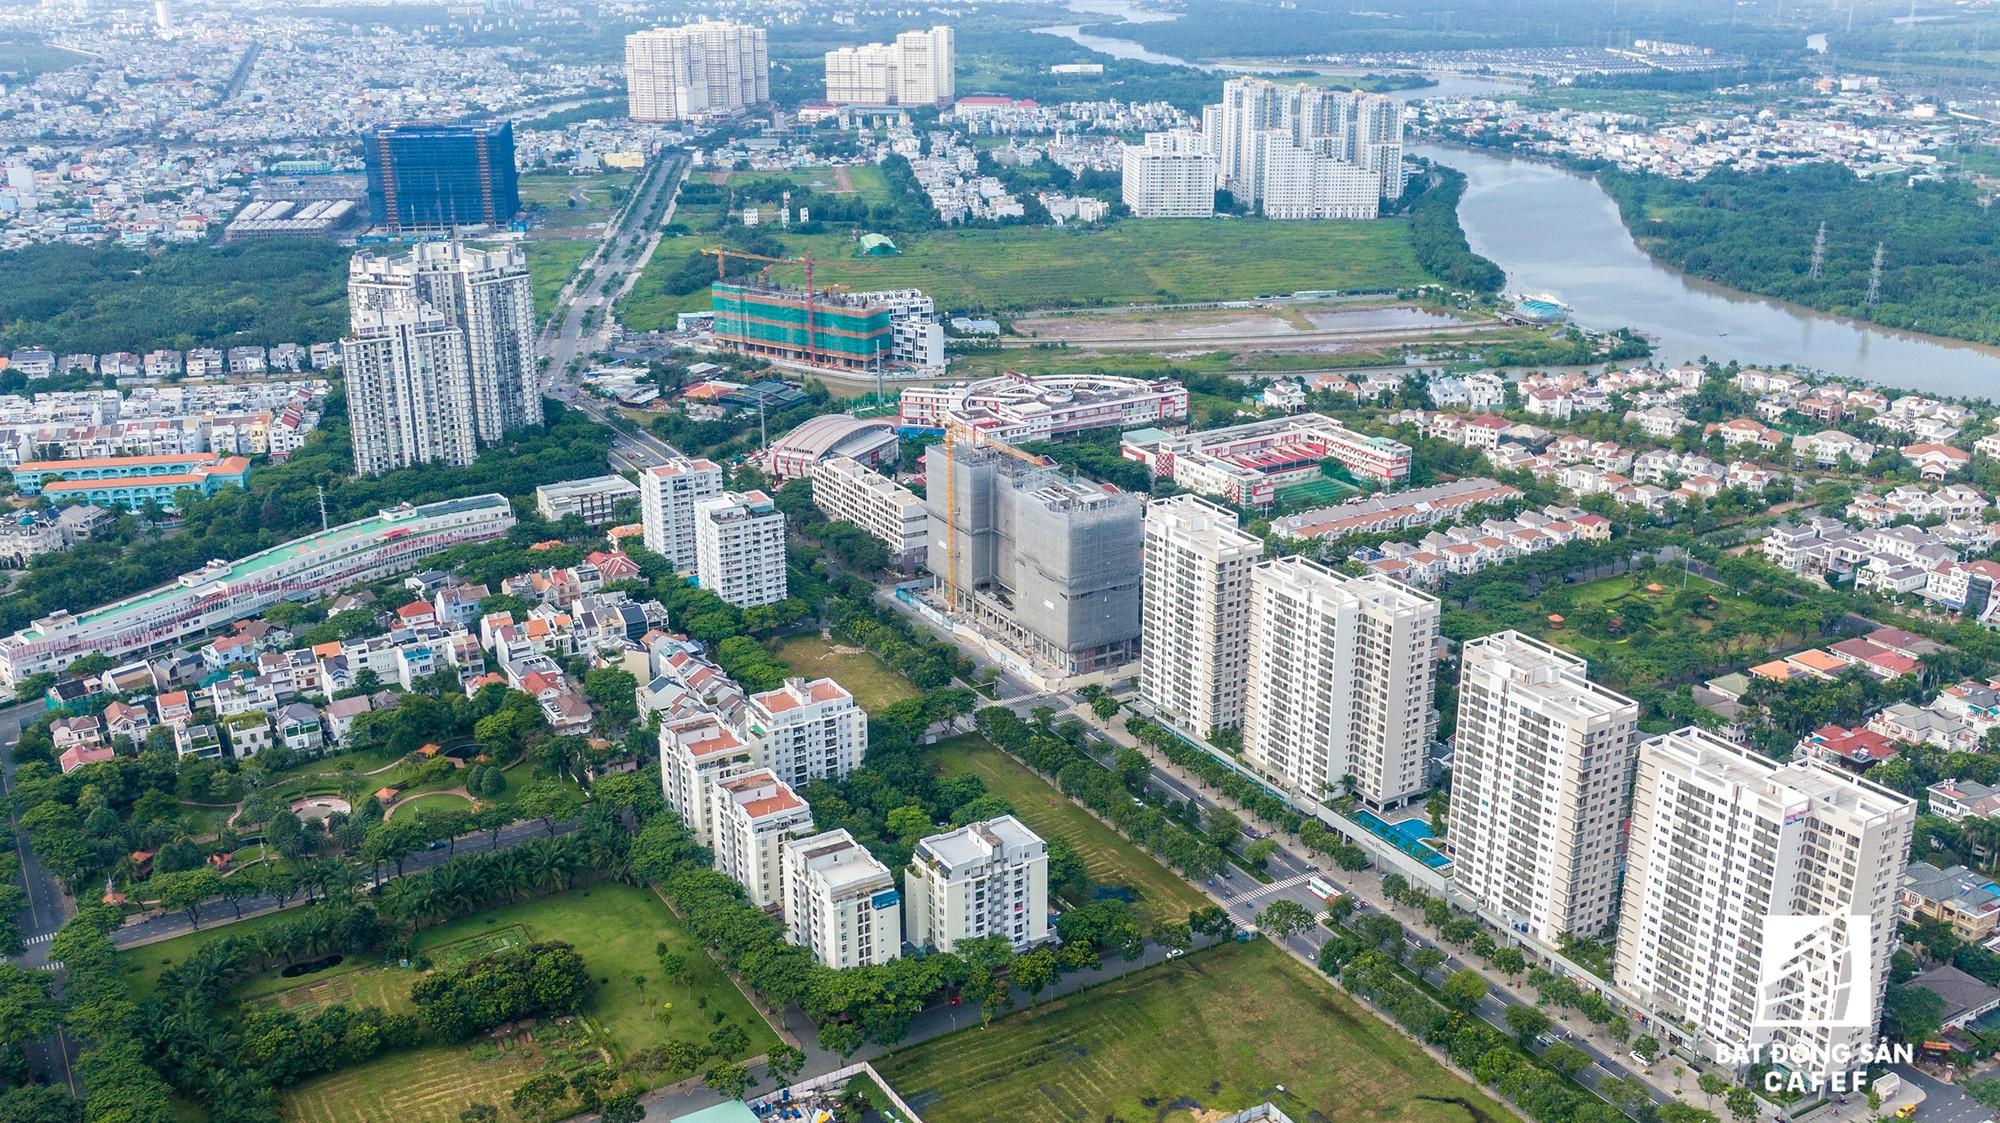 Bộ Tài nguyên và Môi trường: Năm 2020 hoàn thiện hệ thống pháp luật về đất đai